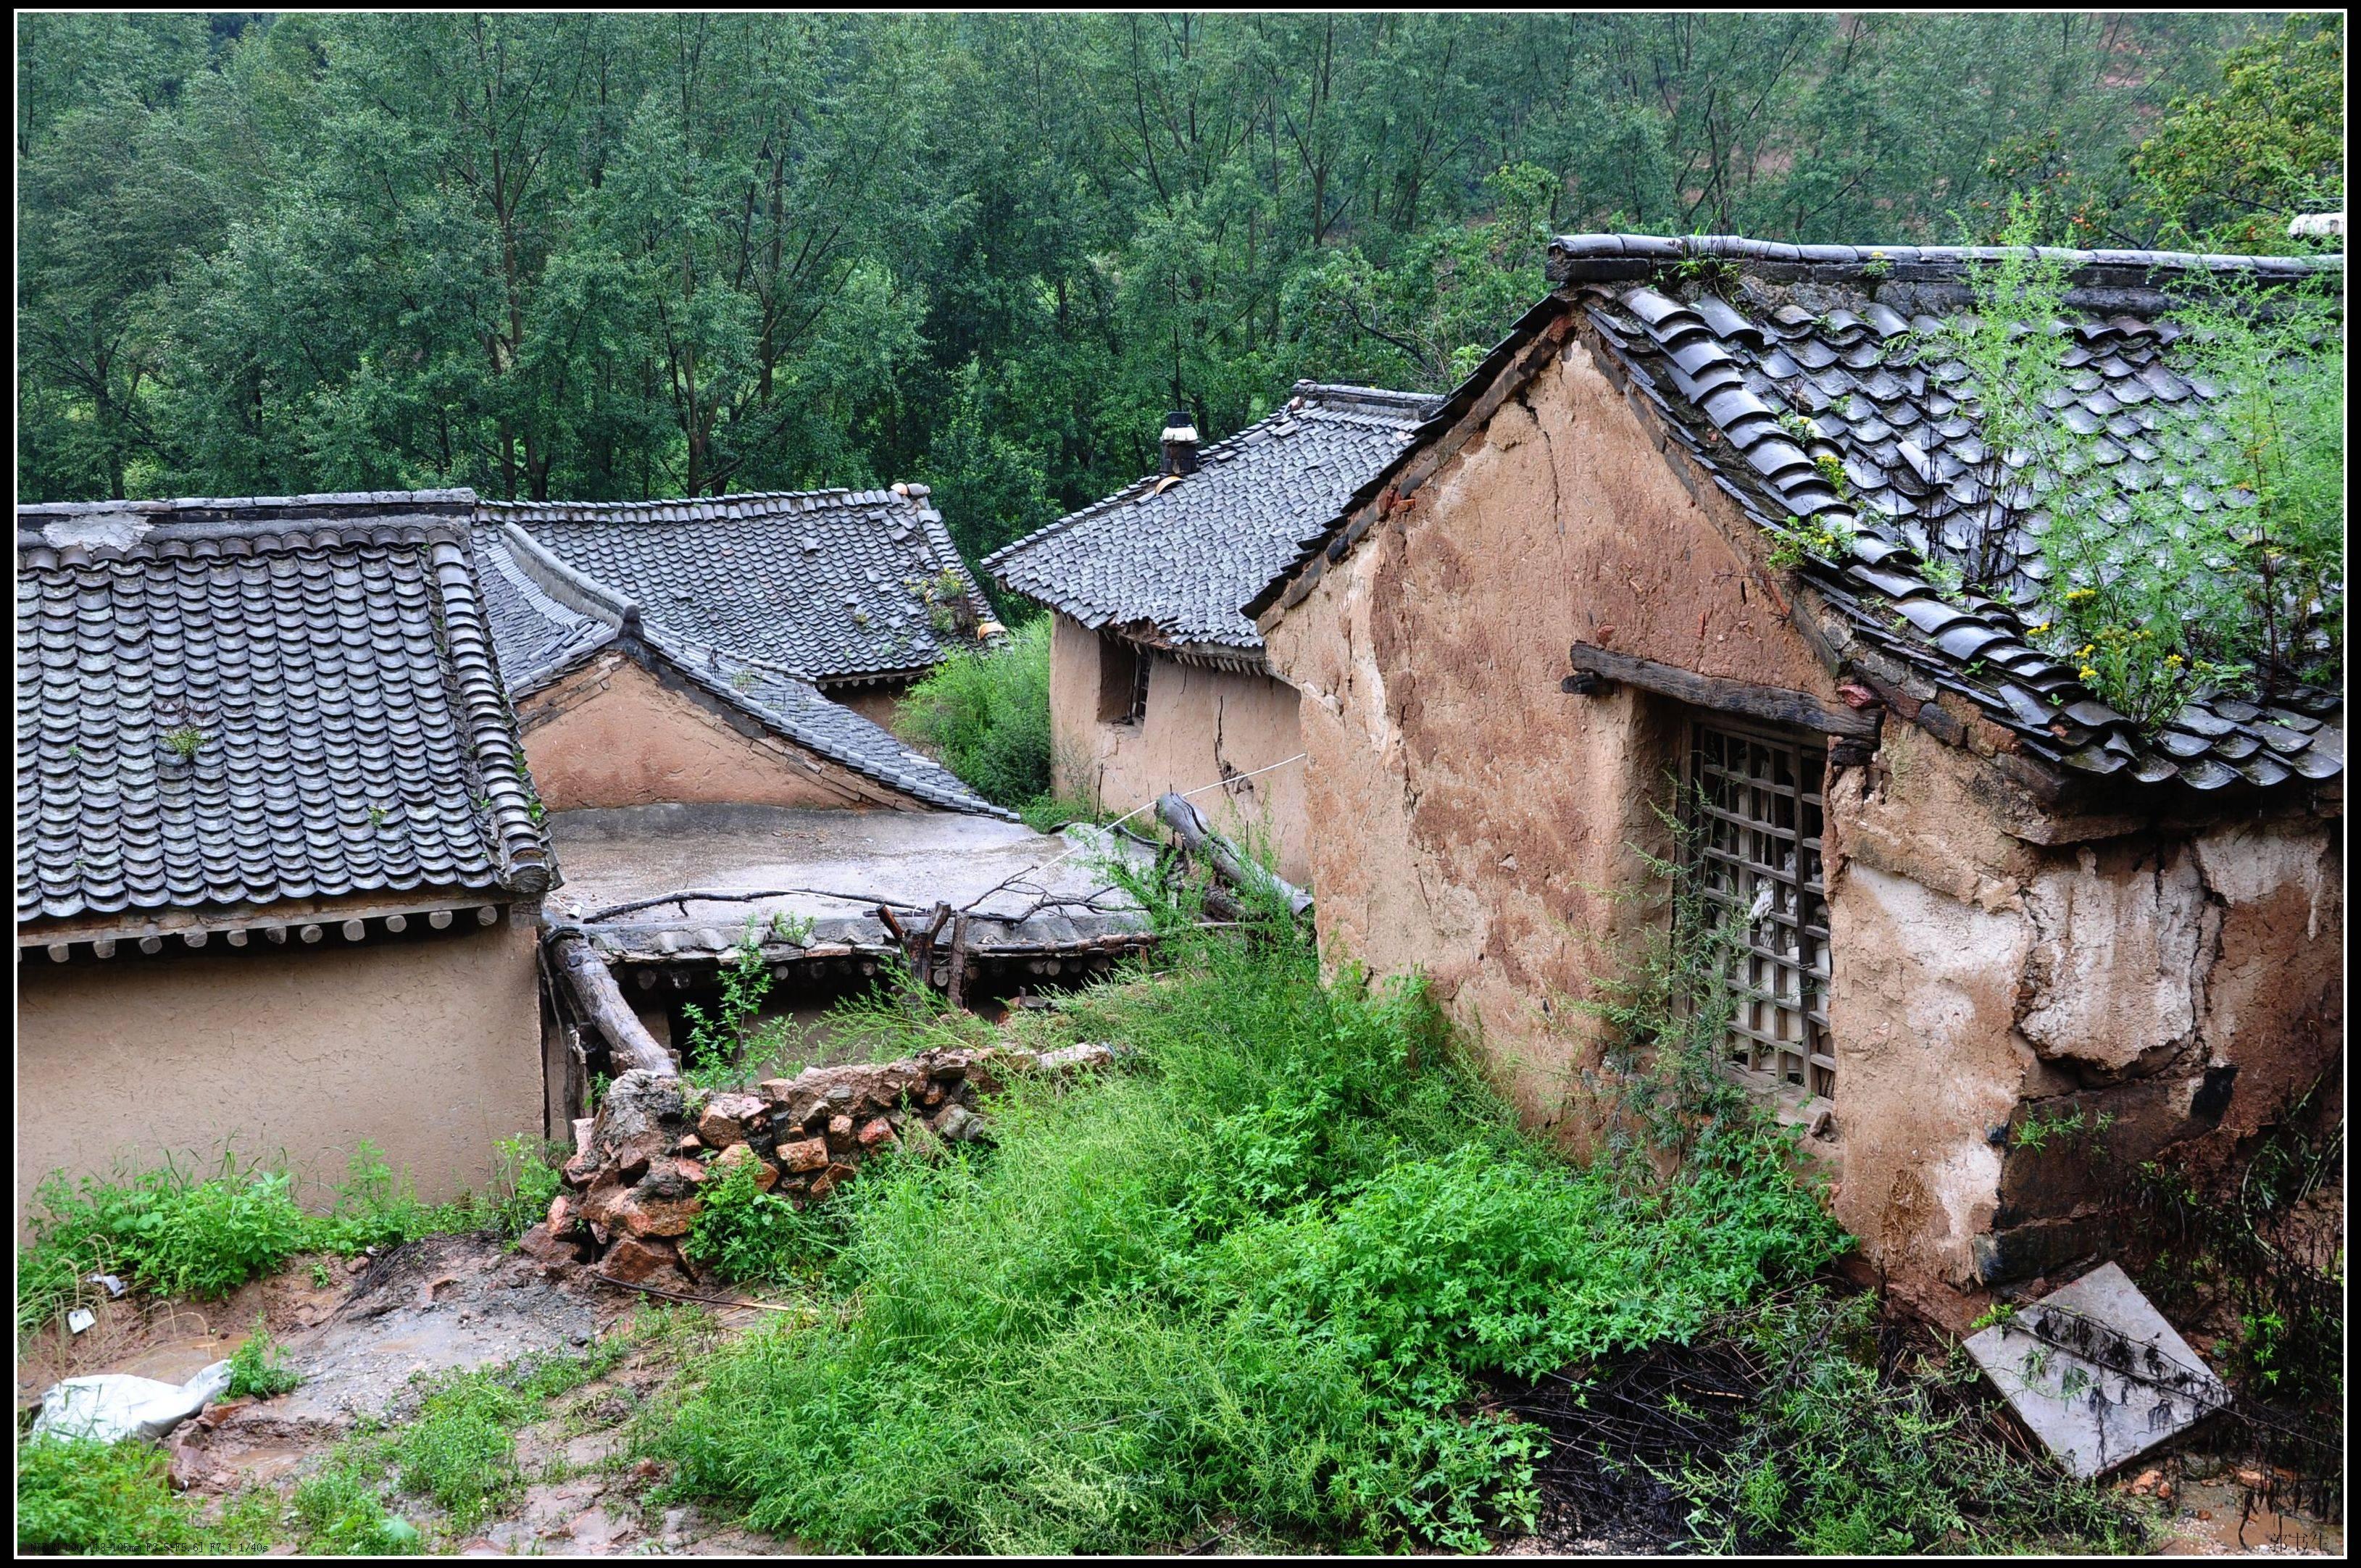 驼梁黄土台,暴雨洗礼中的小山村《百村写真》  第5张